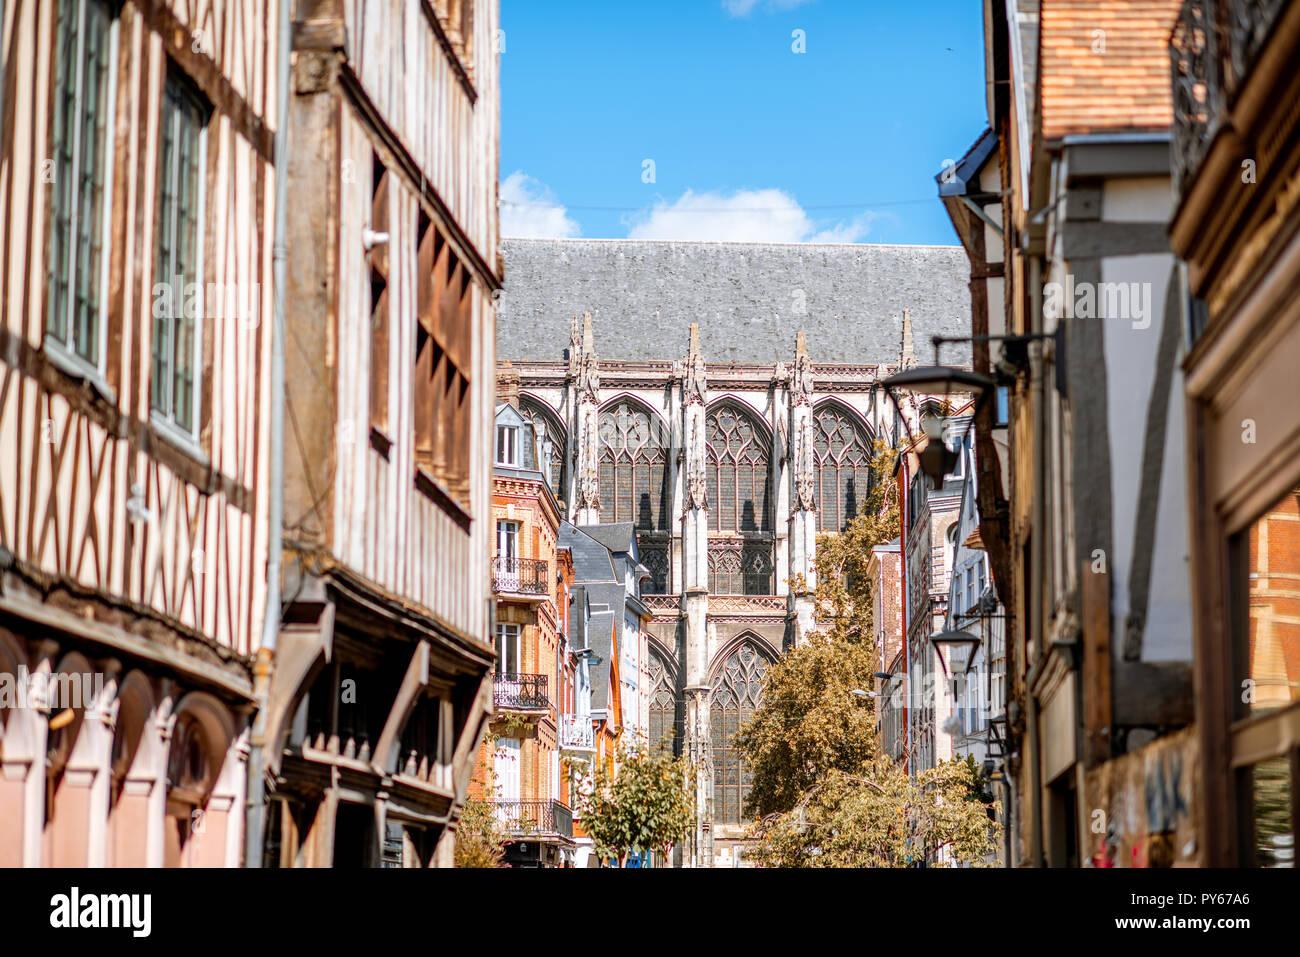 Hermosa coloridas casas con entramados de madera y la Catedral de Rouen, la ciudad capital de la región de Normandía en Francia Imagen De Stock